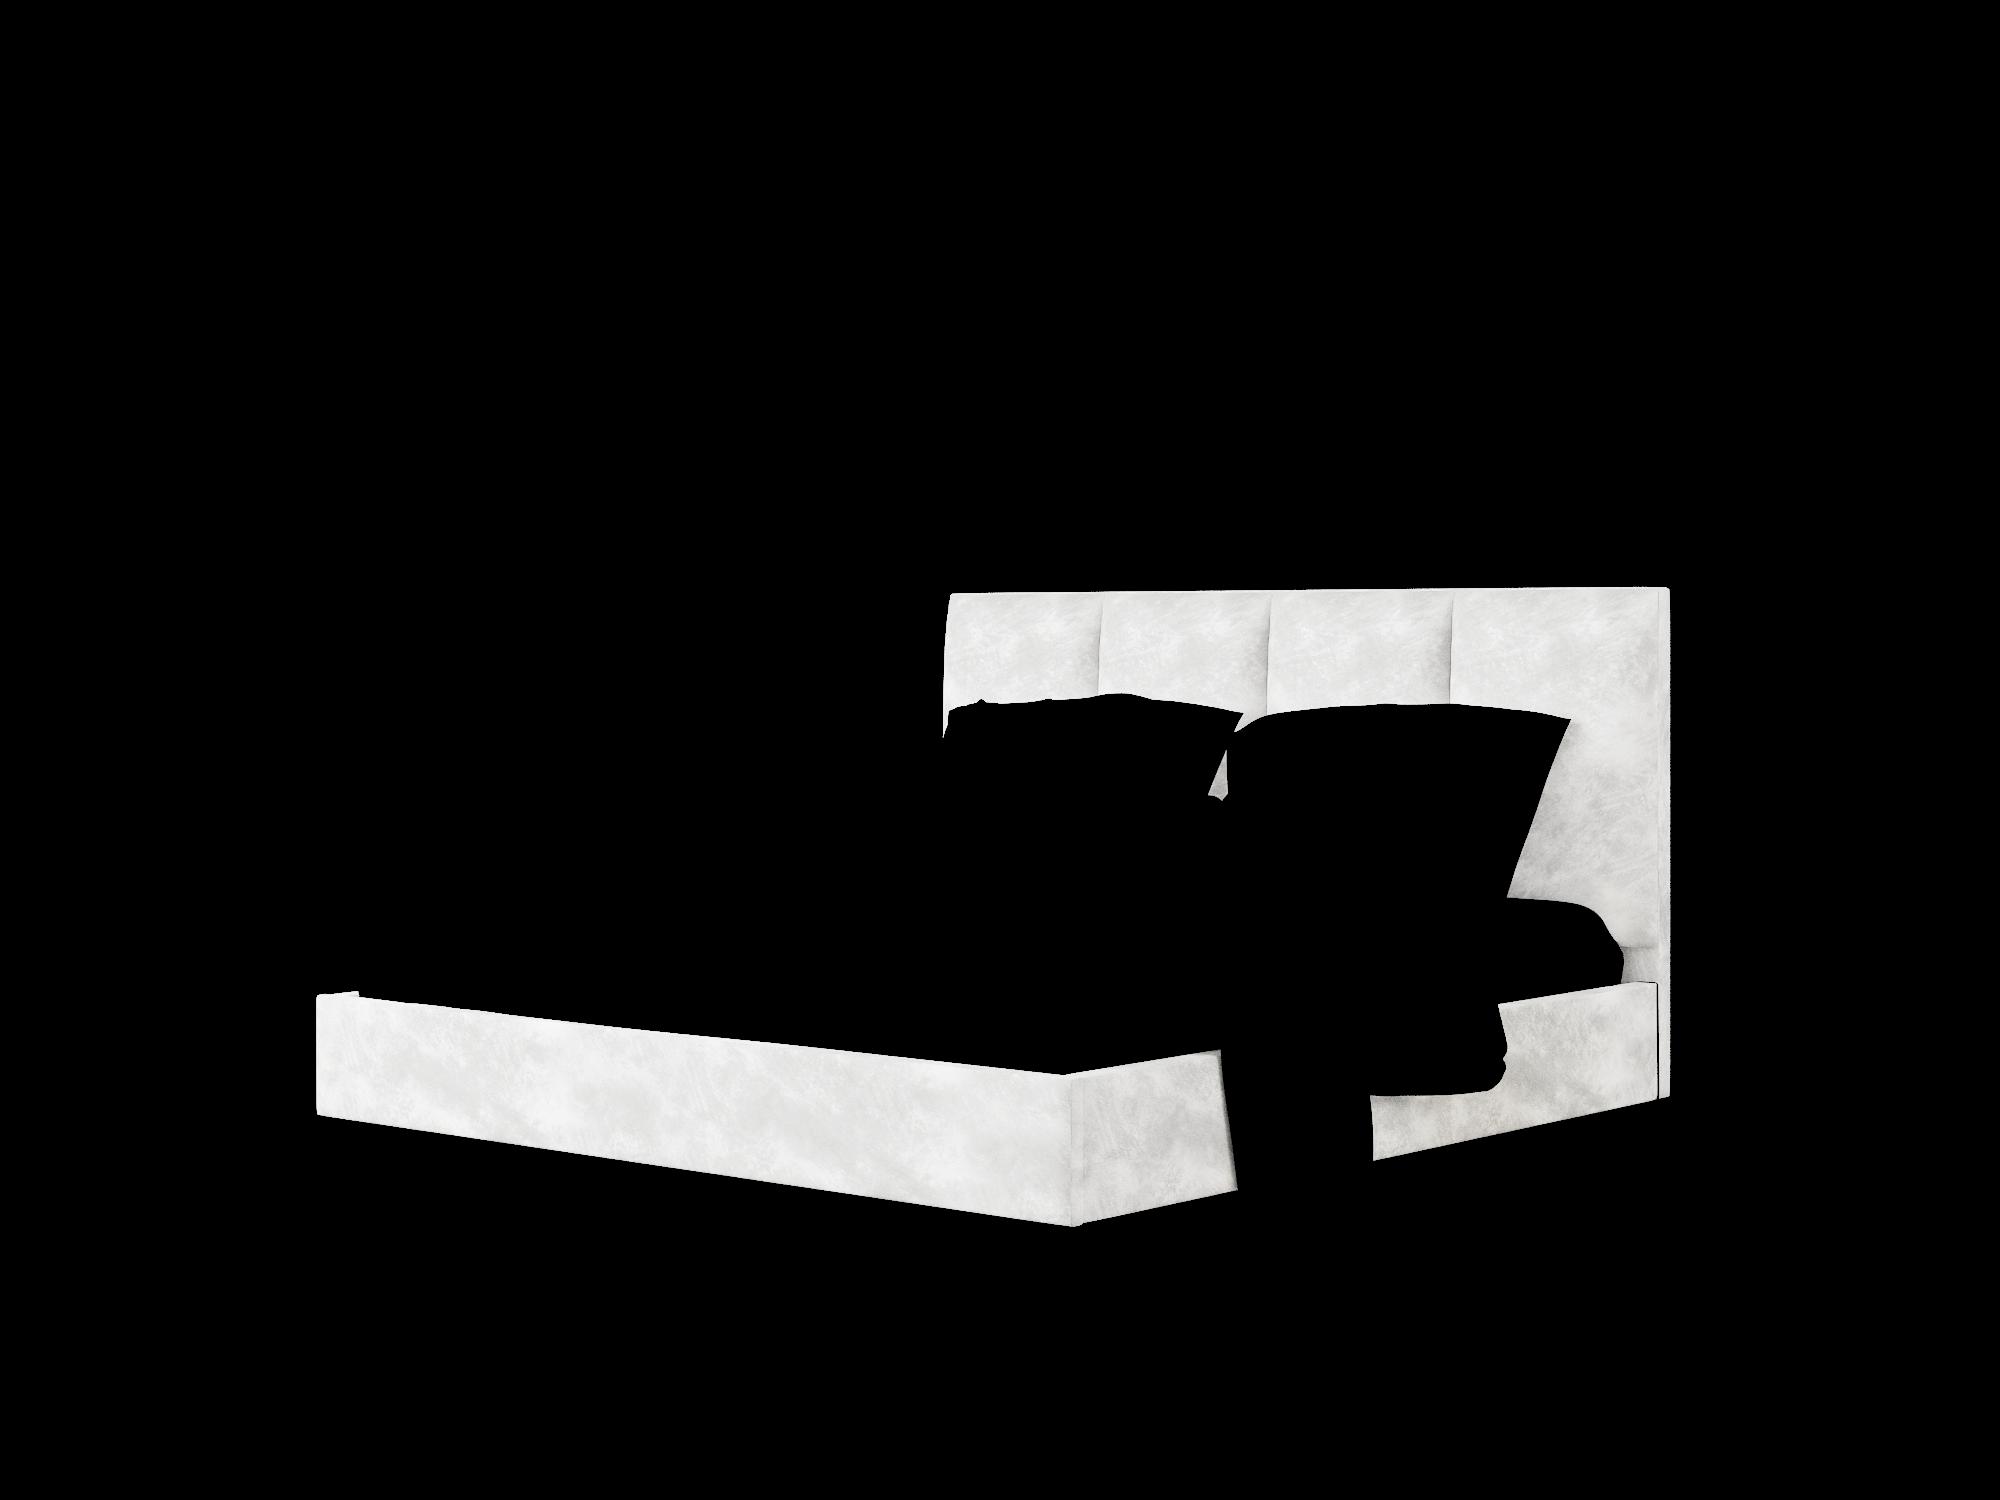 Celine Loft Snowfall Bed King Room Texture